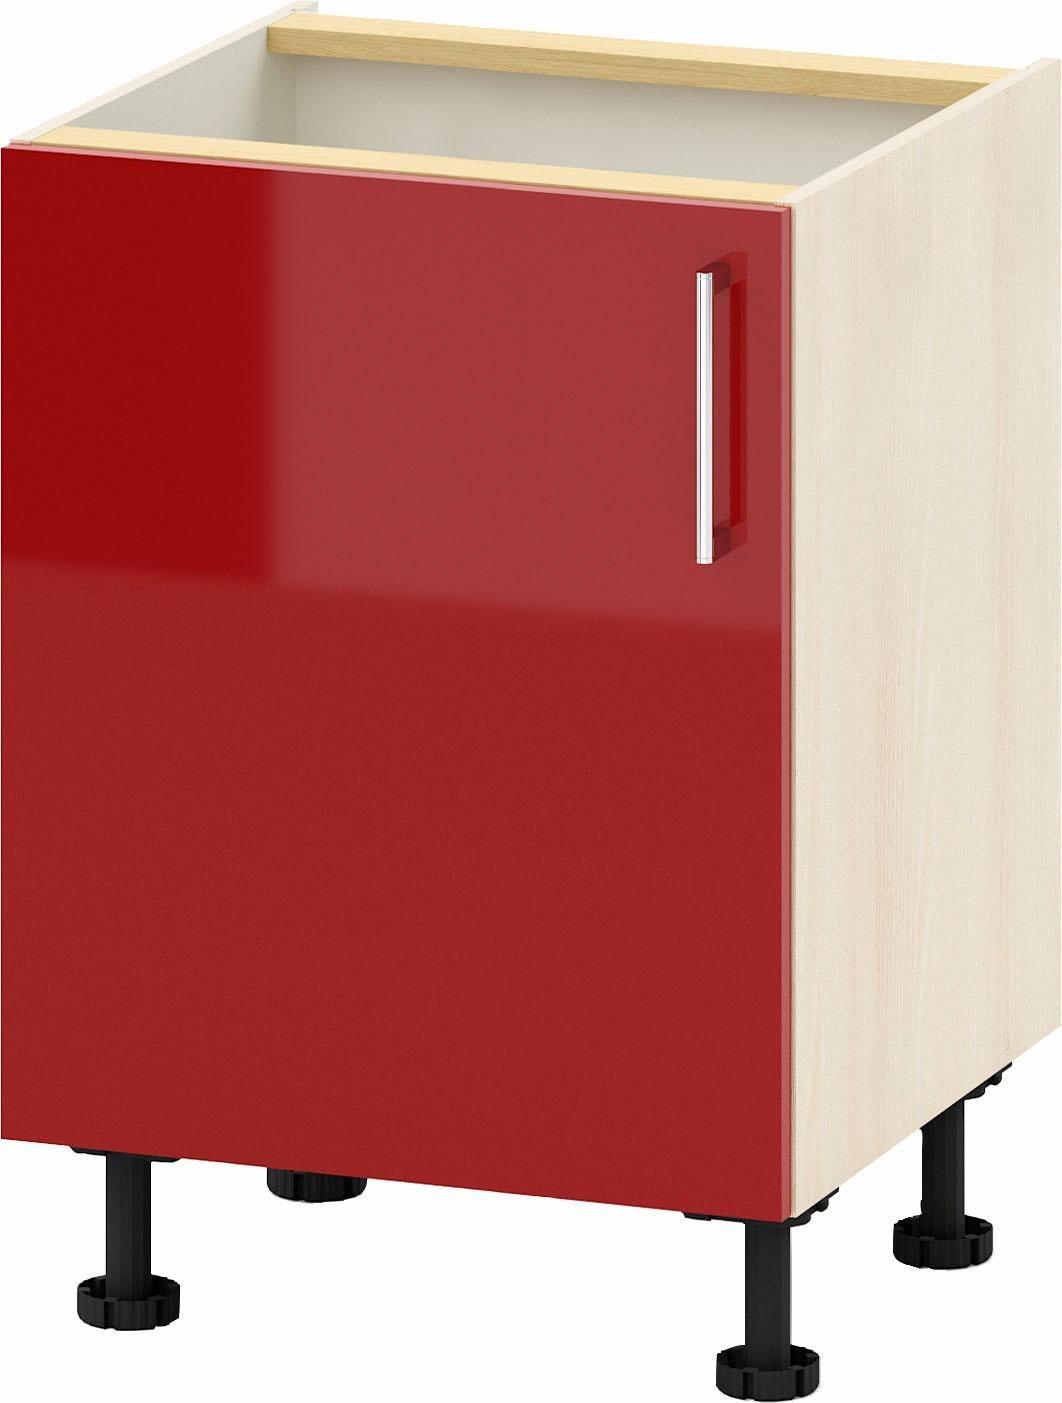 set one by Musterring Spülenunterschrank »USP607216«, Breite 60 cm, wählbar mit einem Bügelgriff oder einer Griffleiste | Küche und Esszimmer > Küchenschränke > Spülenschränke | Weiß - White - Hell - Schwarz - Dunkel - Grau - Matt - Glanz | Nussbaum - Glänzend - Akazie - Eiche - Holzwerkstoff - Mdf - Melamin | set one by Musterring